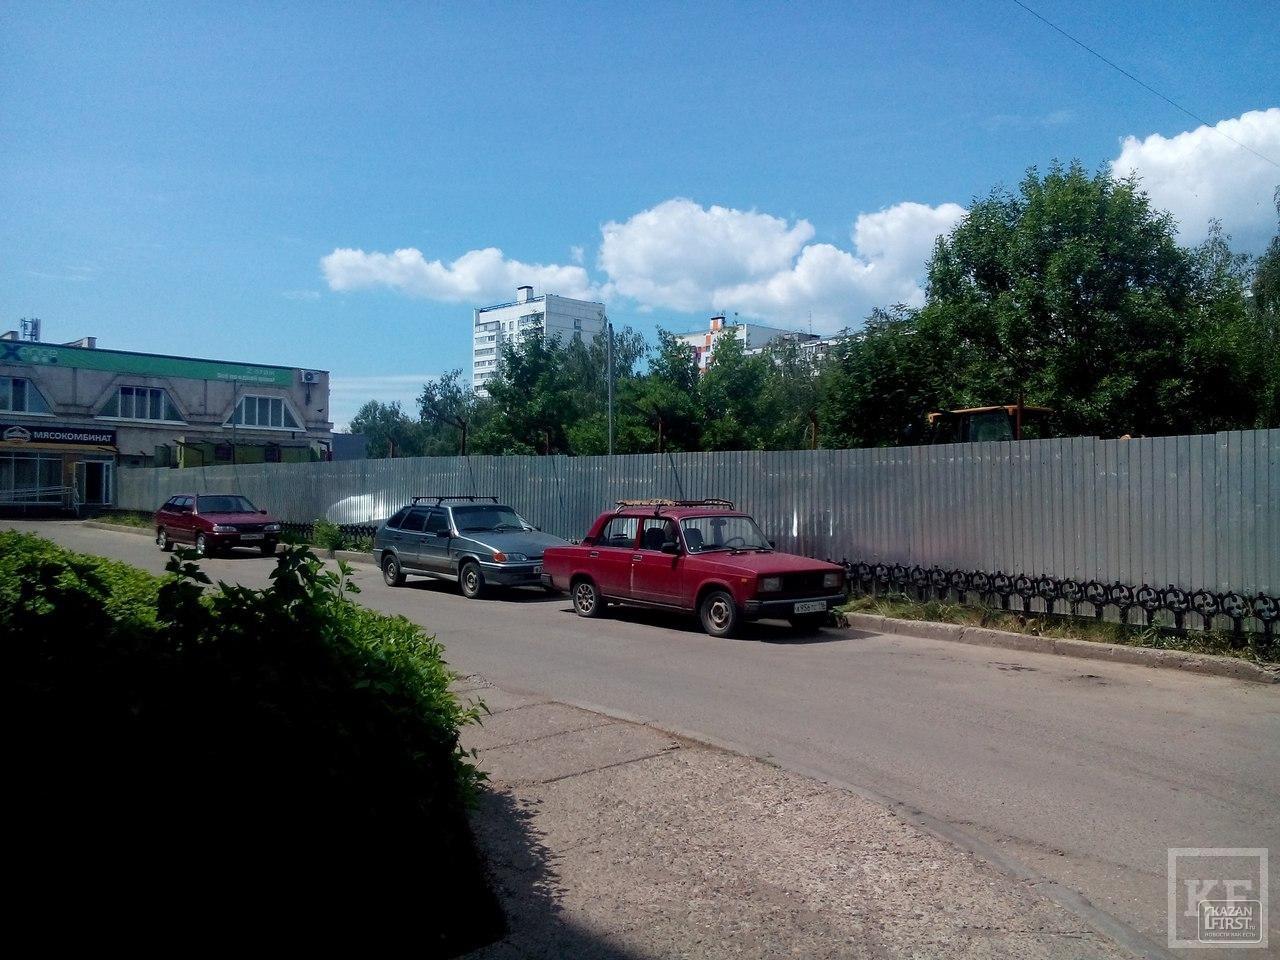 Опять «Челны-мясо»: жители 56 комплекса выступили против строительства магазина у себя под окнами